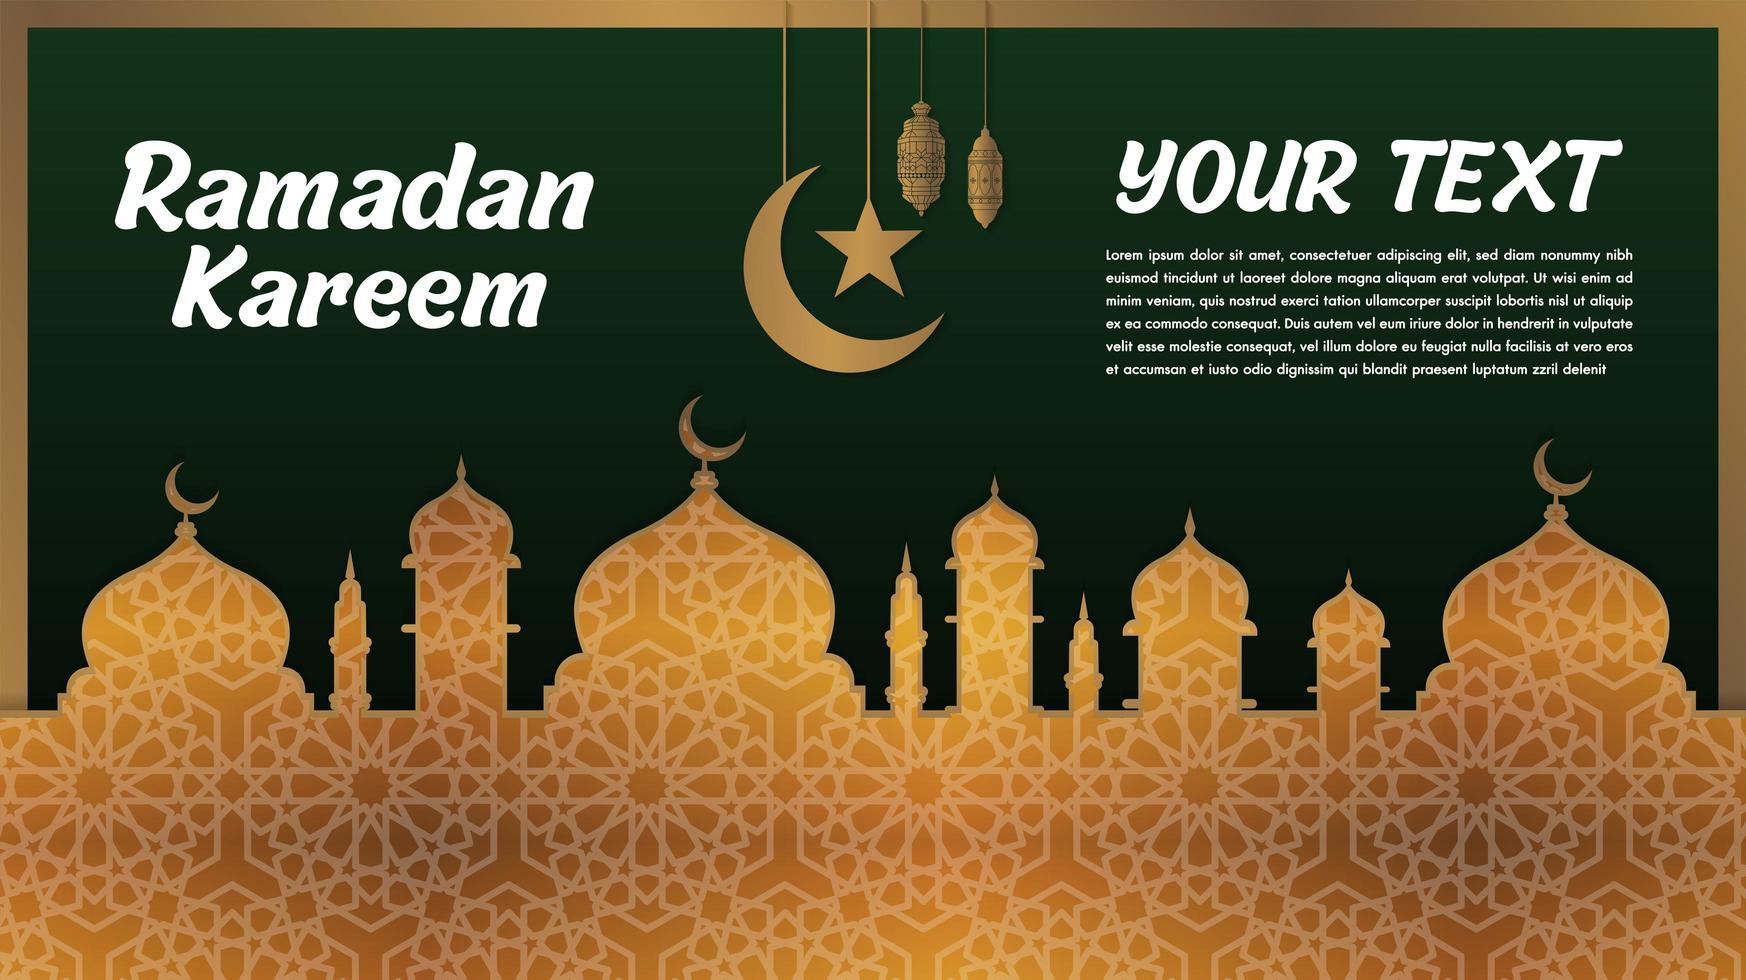 guldmönstrad och grön. ramadan kareem hälsning vektor